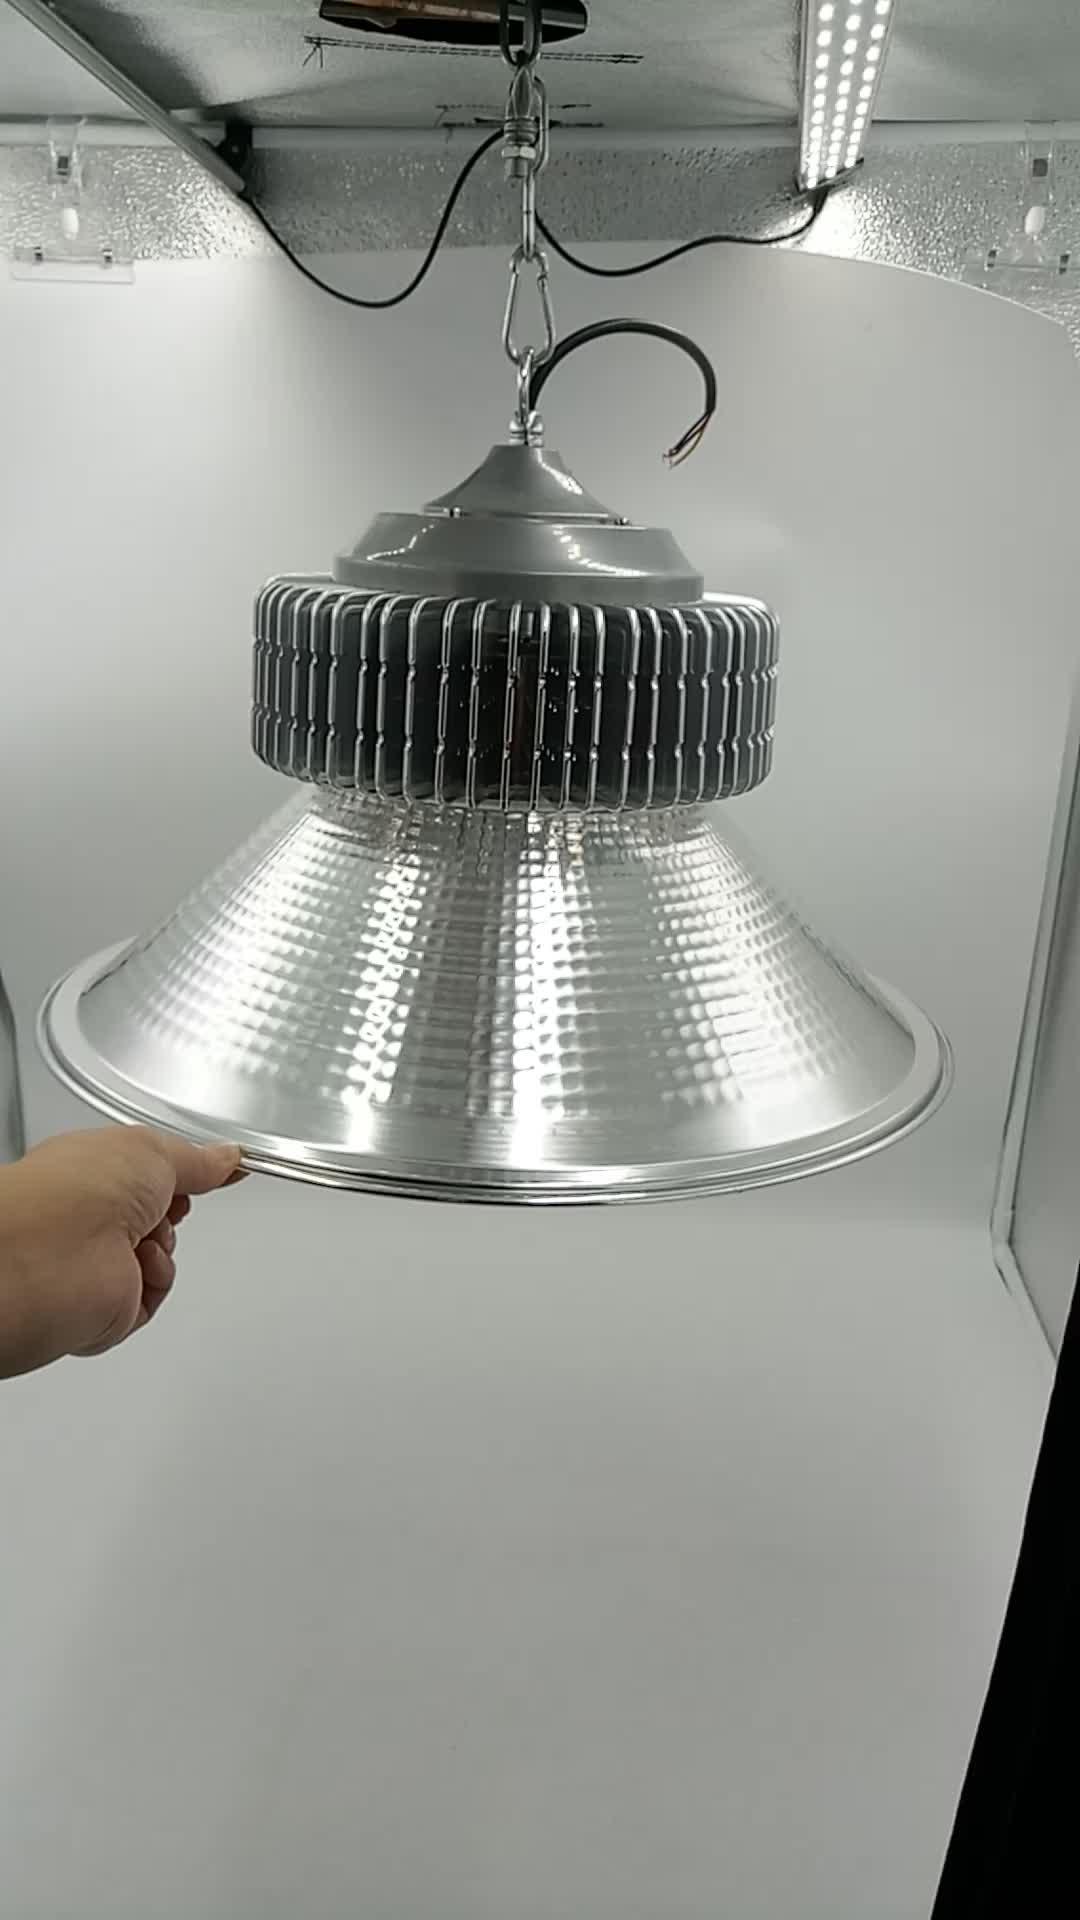 Sıcak Satış Ürünleri Yüksek Lümen SMD 150 w Kolye Işıkları Depo Aydınlatma Armatürleri ufo led yüksek raf lambası Konut